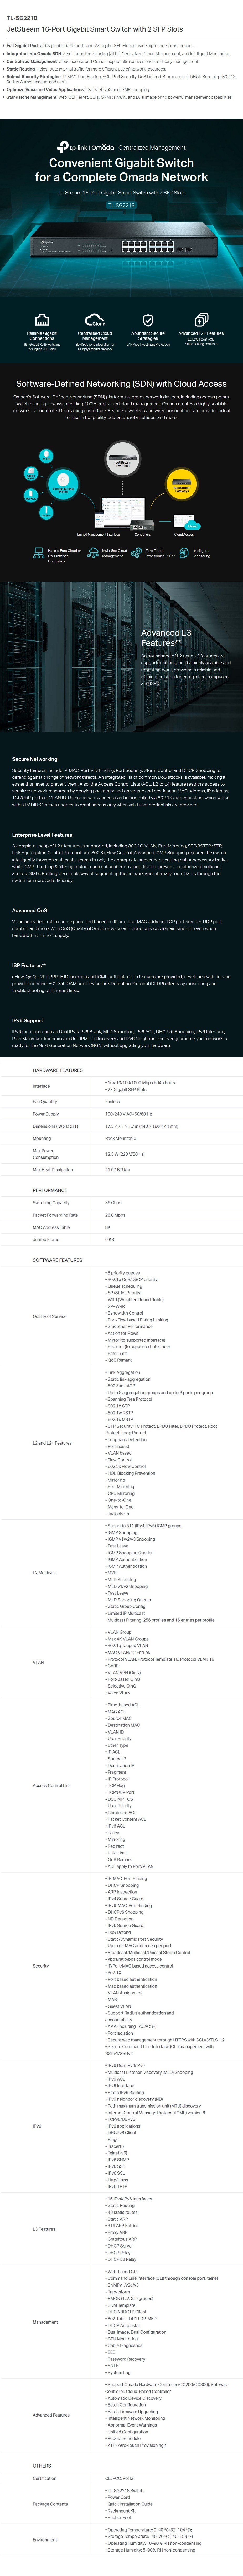 TP-Link TL-SG2218 JetStream 16-Port Gigabit Smart Switch with 2 SFP Slots - Desktop Overview 1